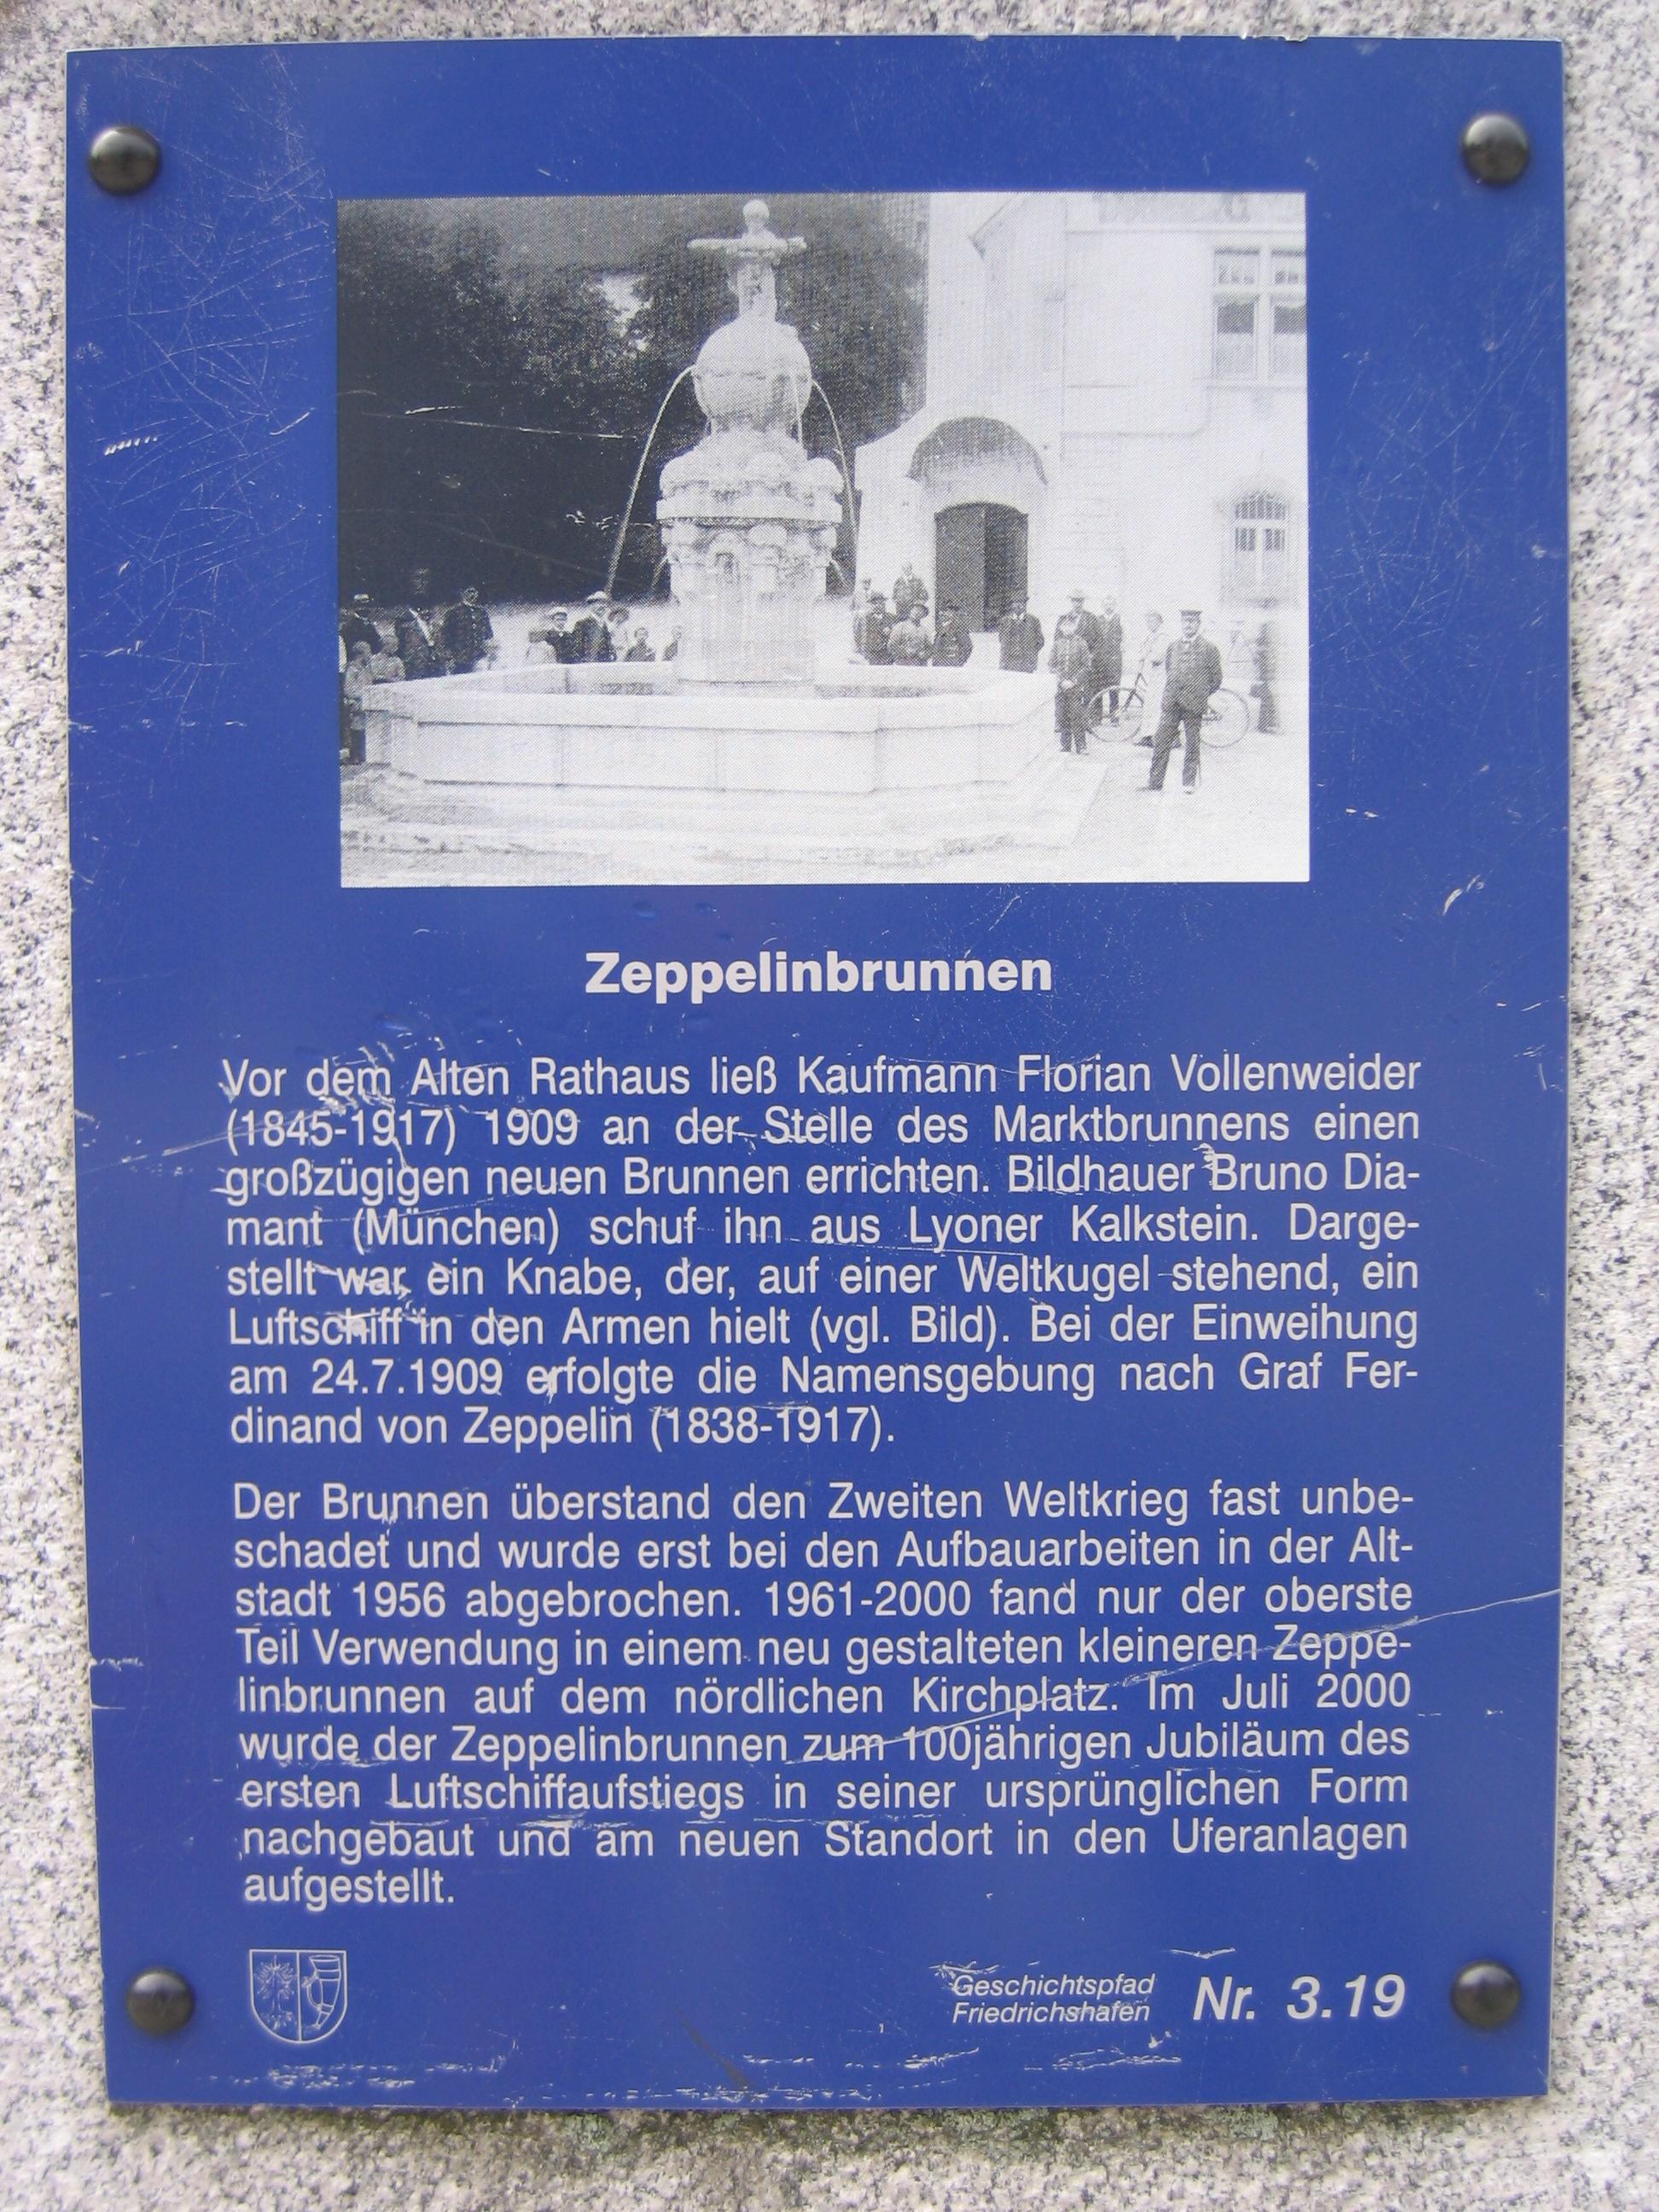 geschichtspfad friedrichshafen – wikipedia